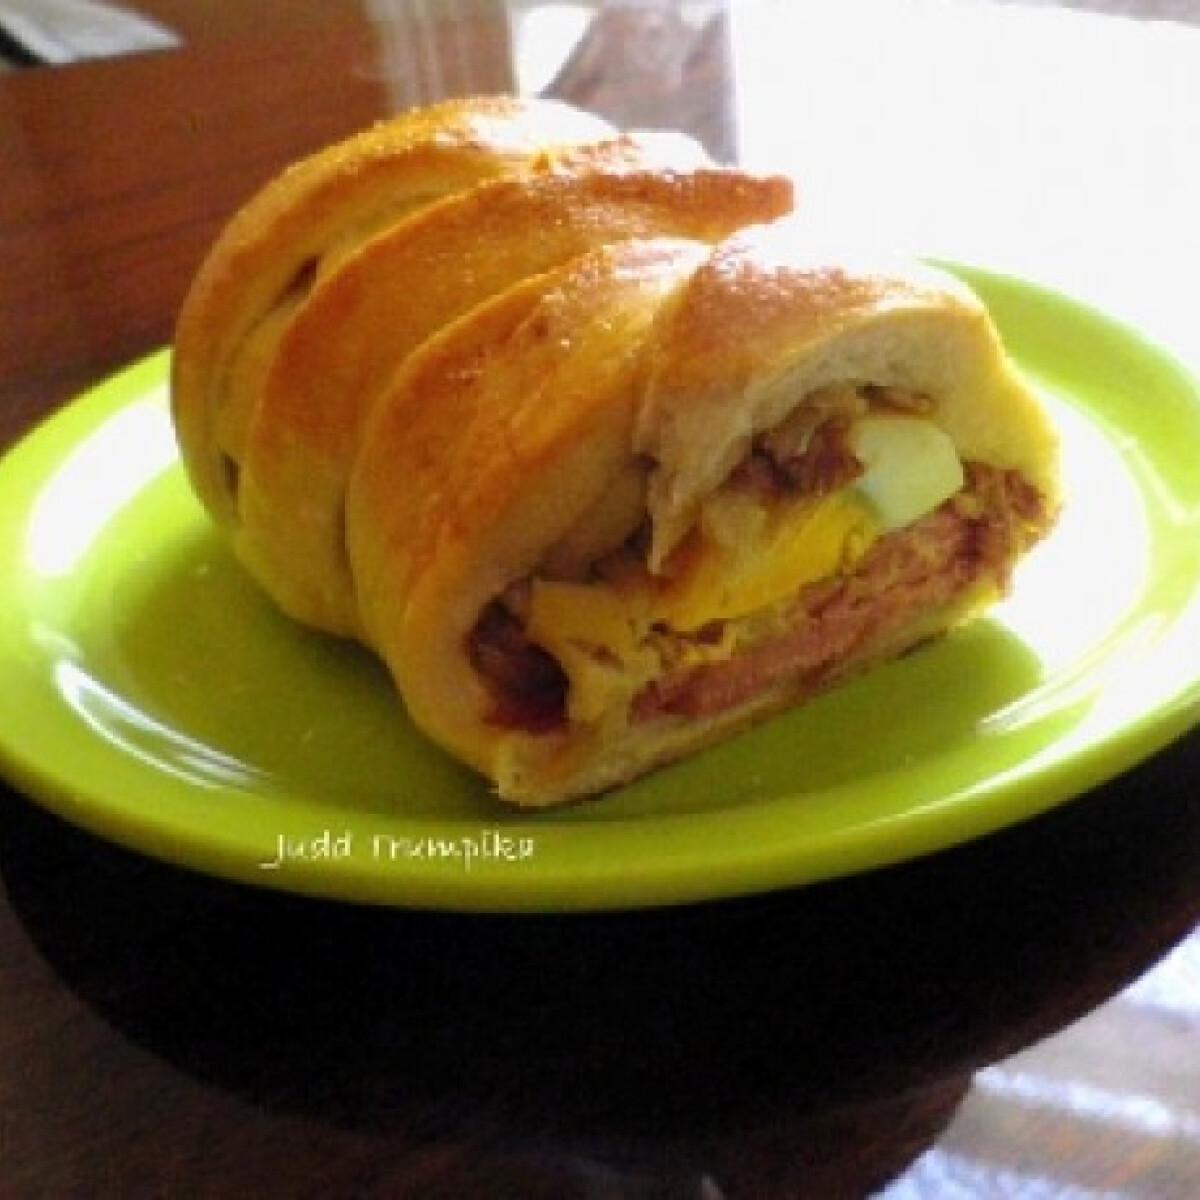 Töltött kenyér Judd Trumpika konyhájából